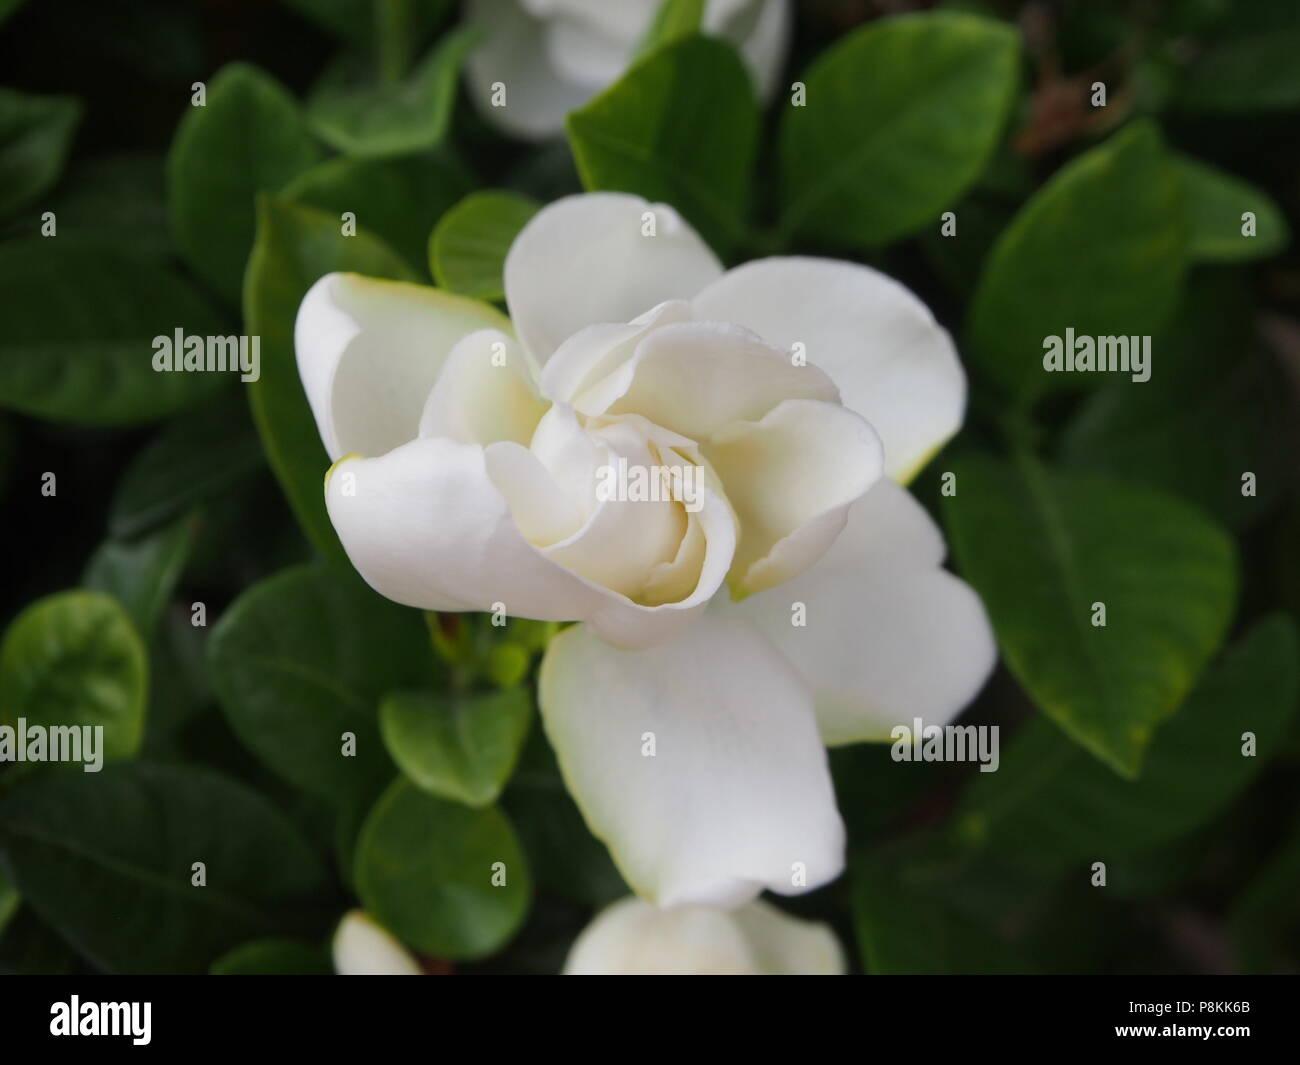 Single White Gardenia Flower About To Open Stock Photo 211873827